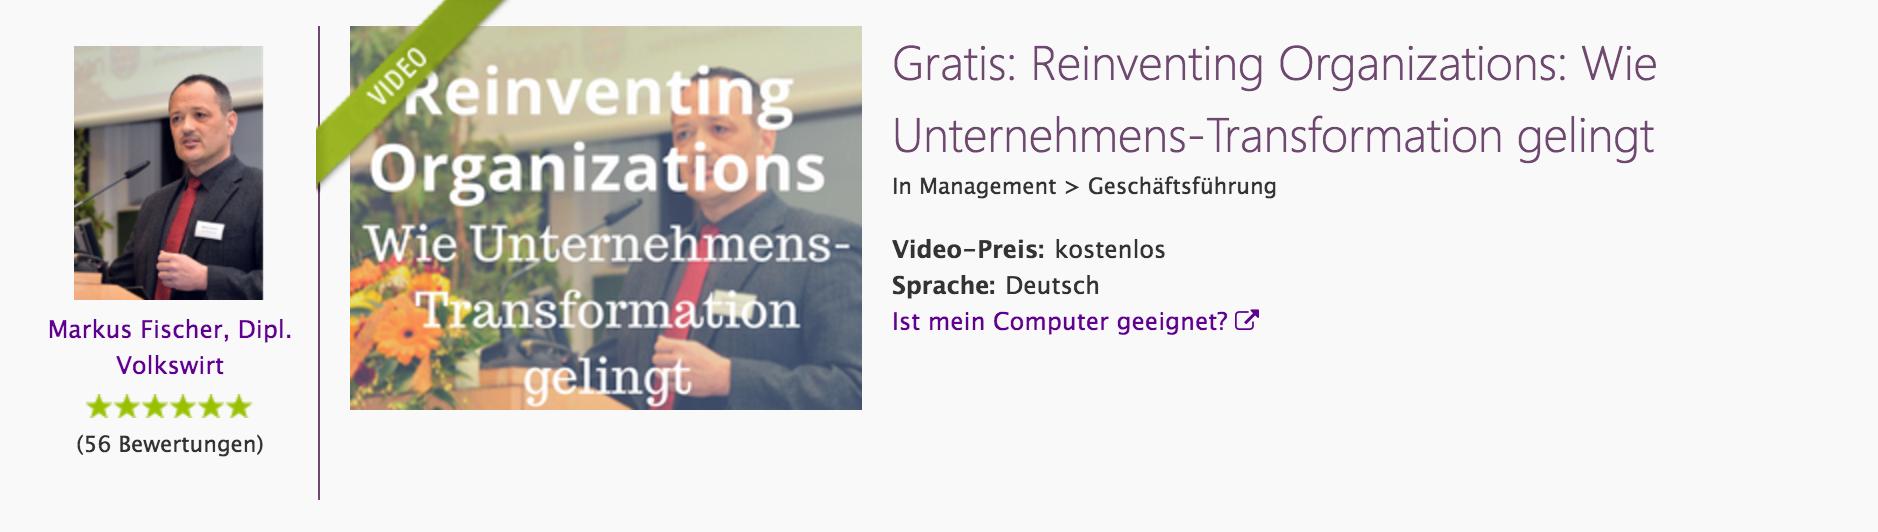 Videokurs, Reinventing Organizations, 1h, kostenfrei